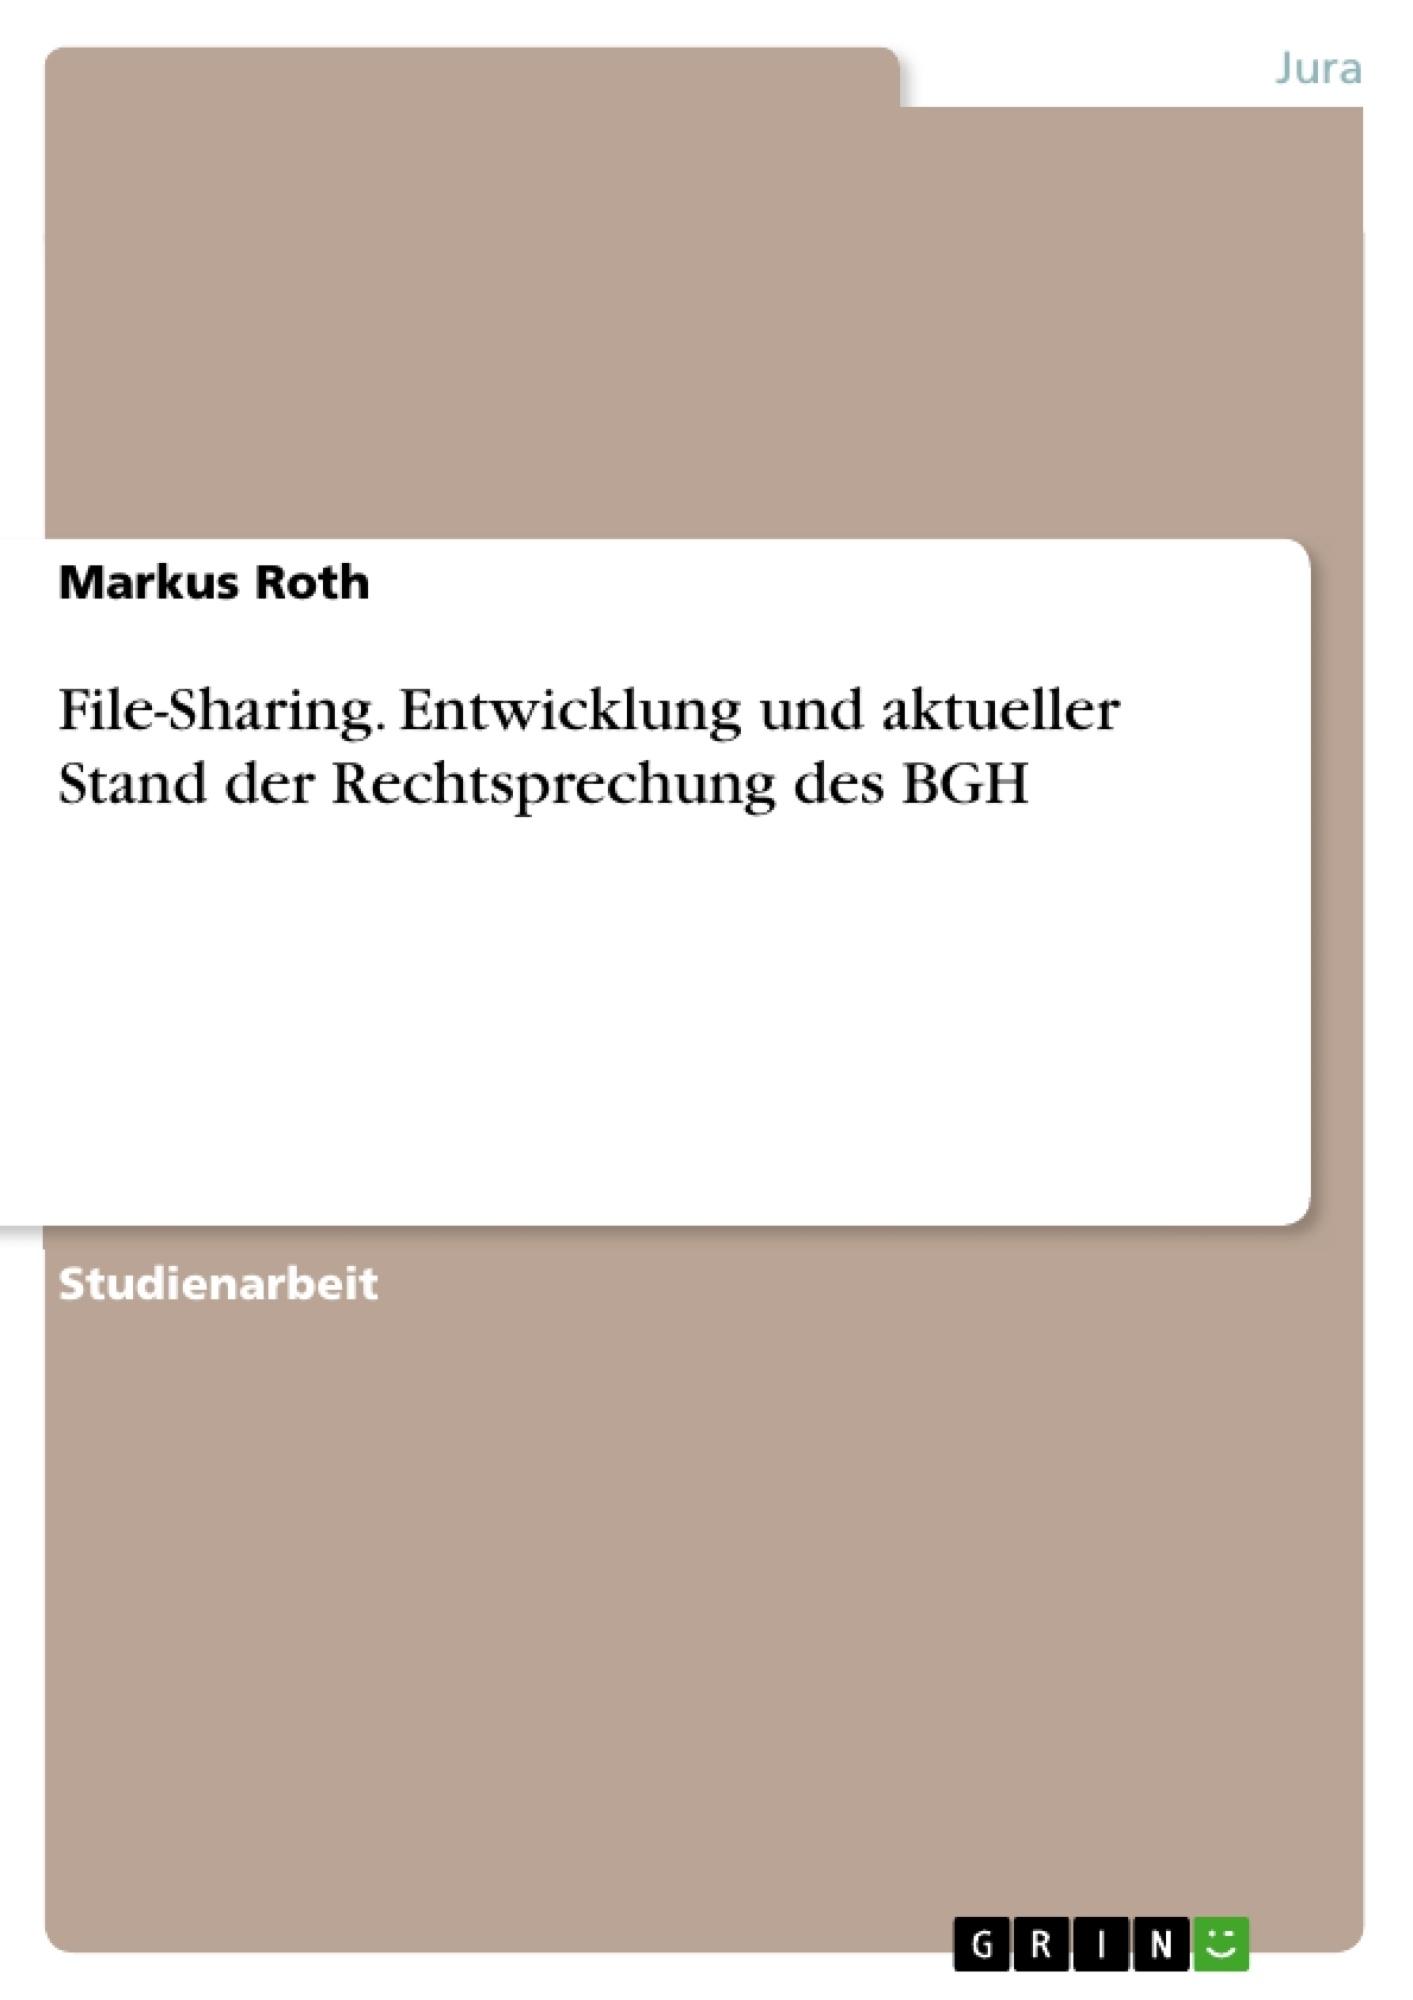 Titel: File-Sharing. Entwicklung und aktueller Stand der Rechtsprechung des BGH